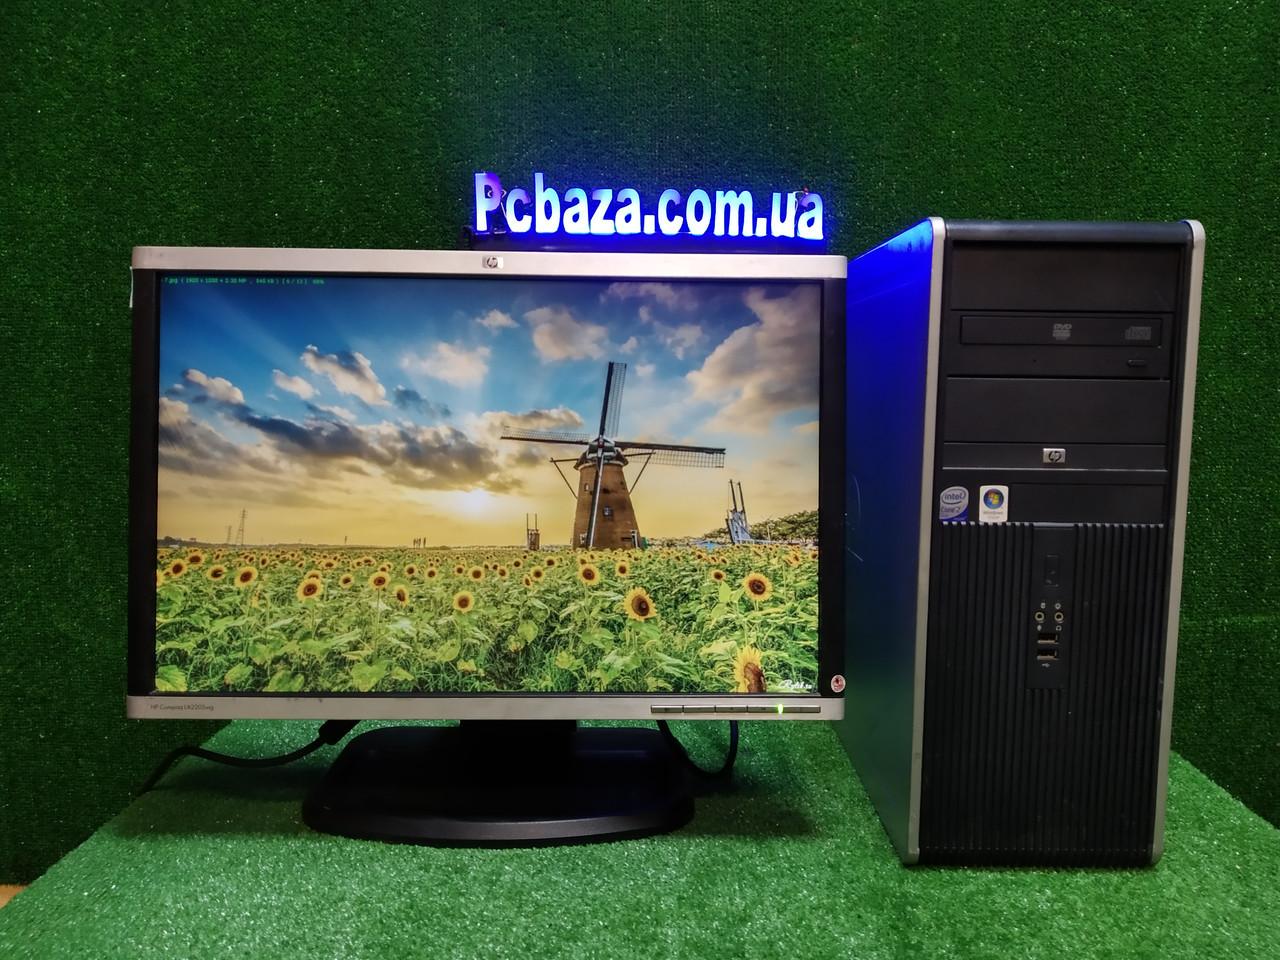 """ПК HP + мон 22"""" HP, Intel 4 ядра, 4 ГБ, 160 ГБ Настроен! Есть Опт! Гарантия!"""